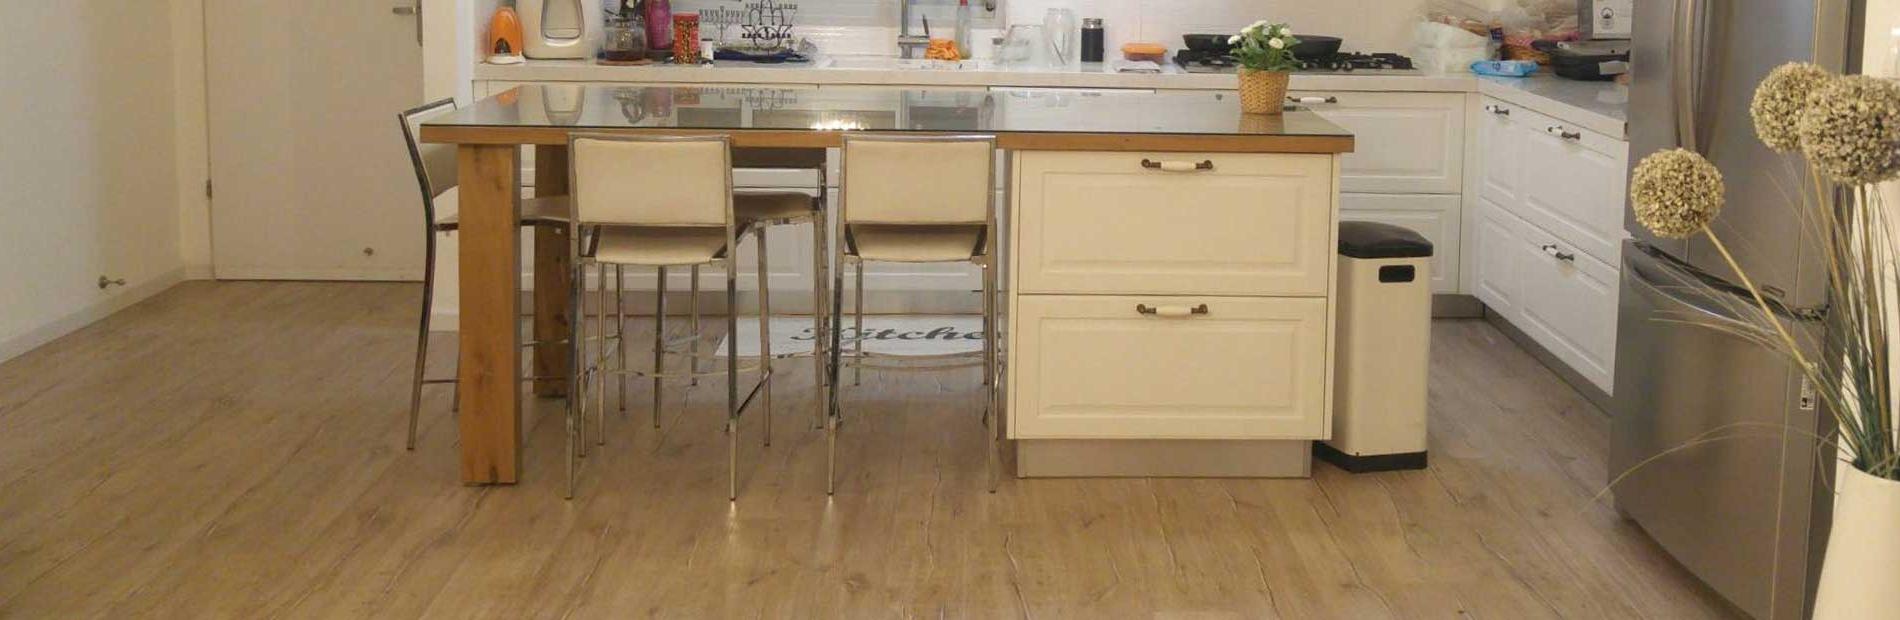 רצפת פרקט במטבח